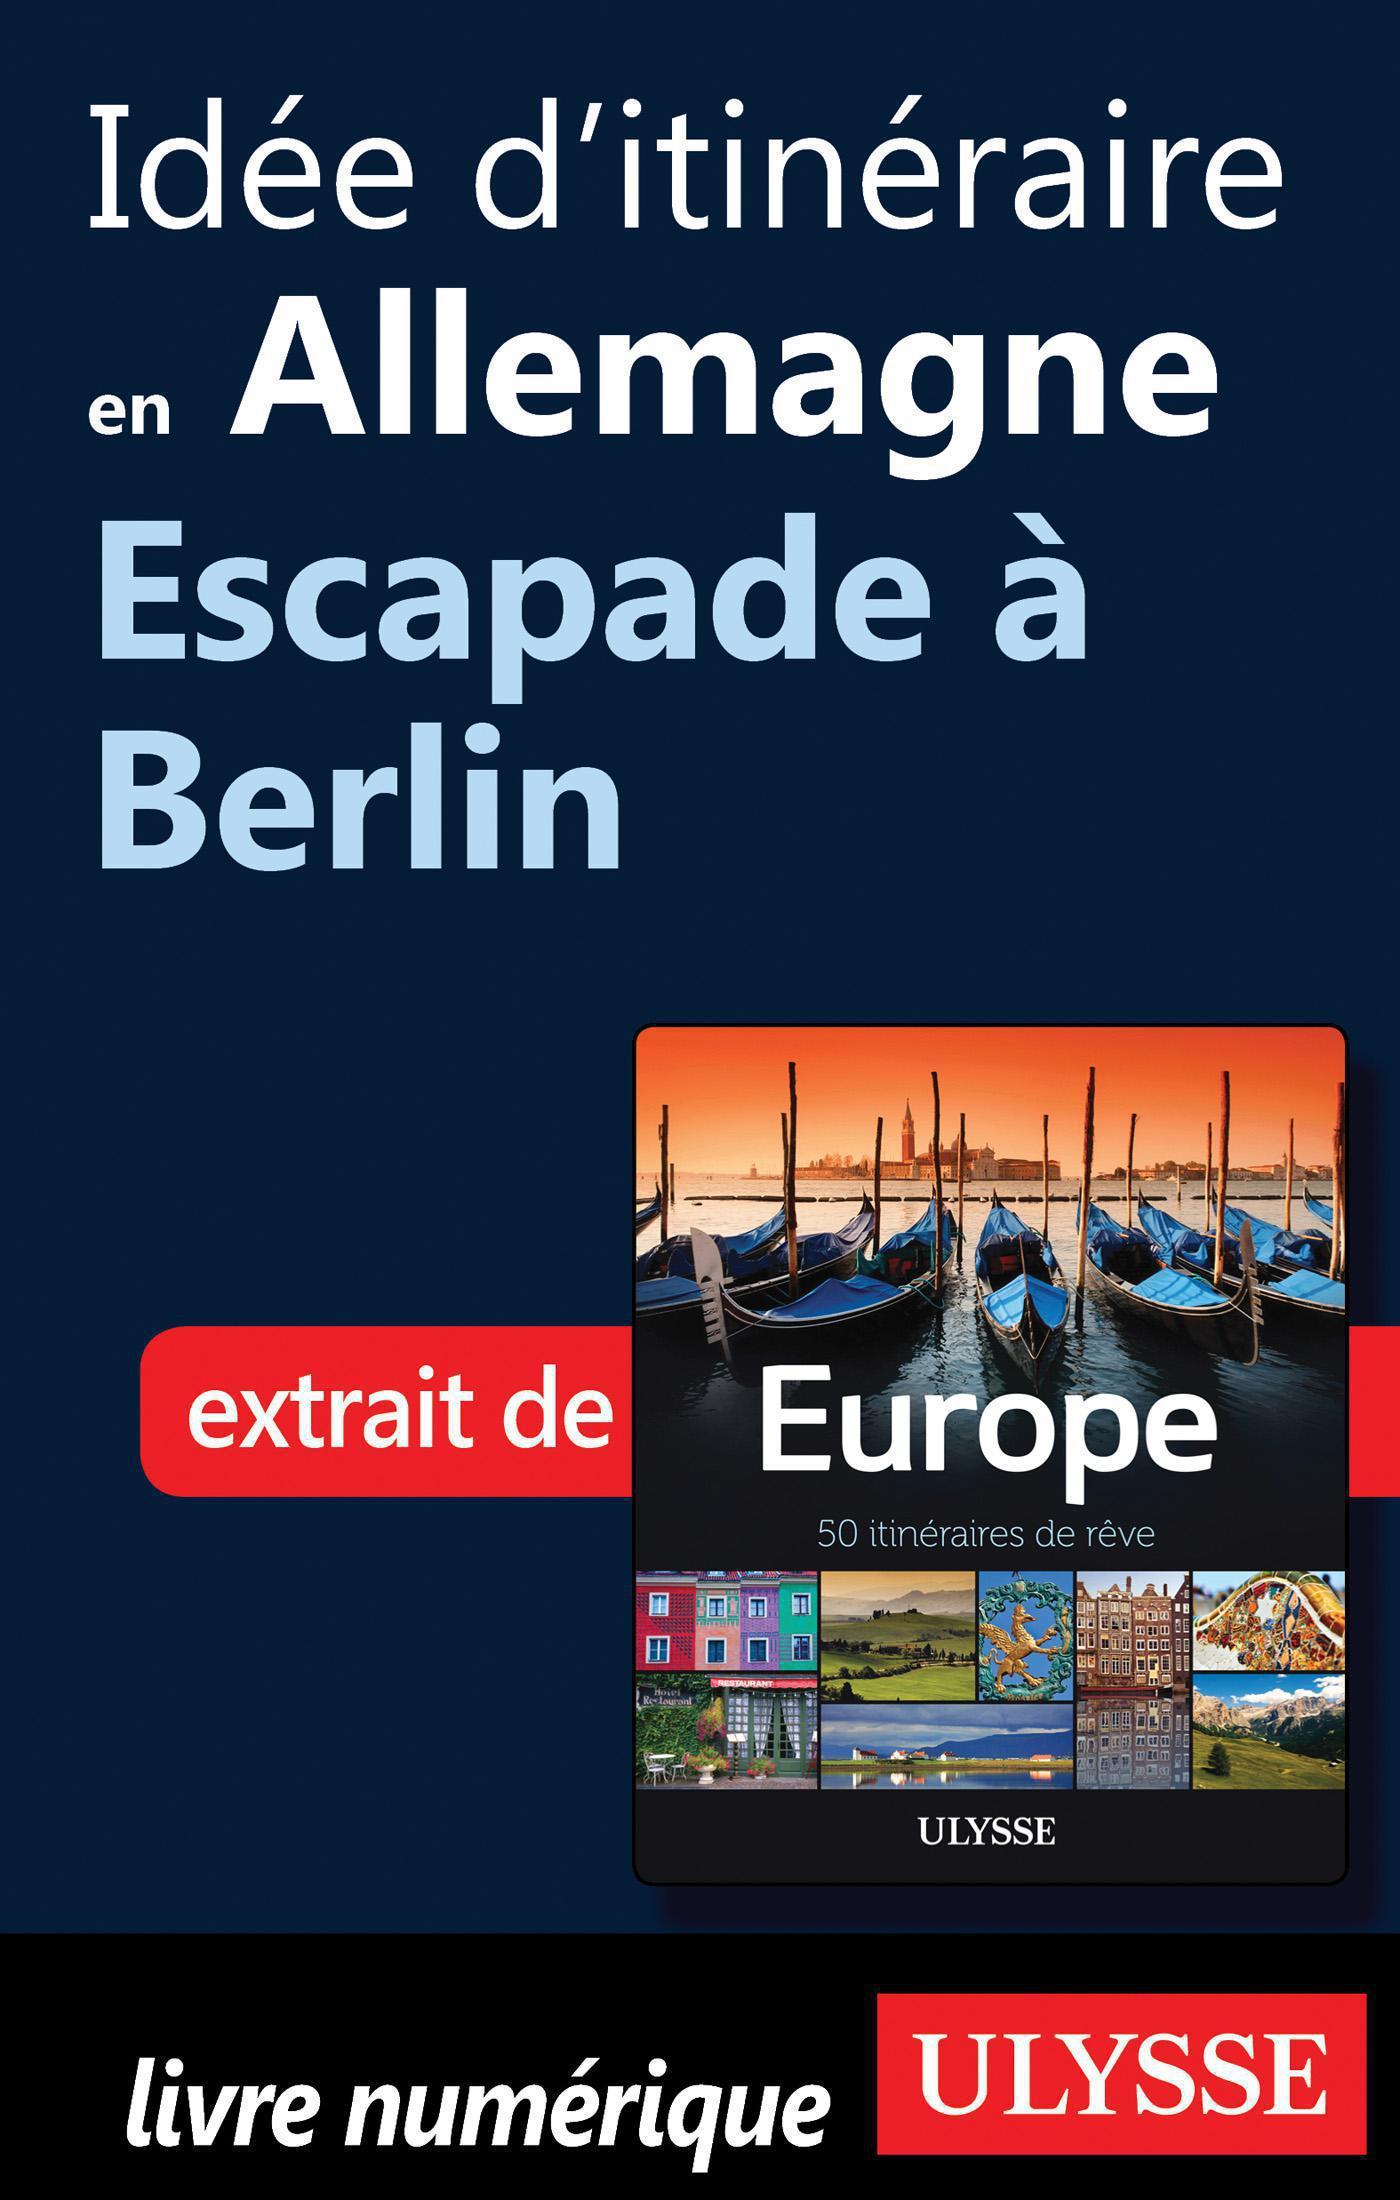 Idée d'itinéraire en Allemagne - Escapade à Berlin